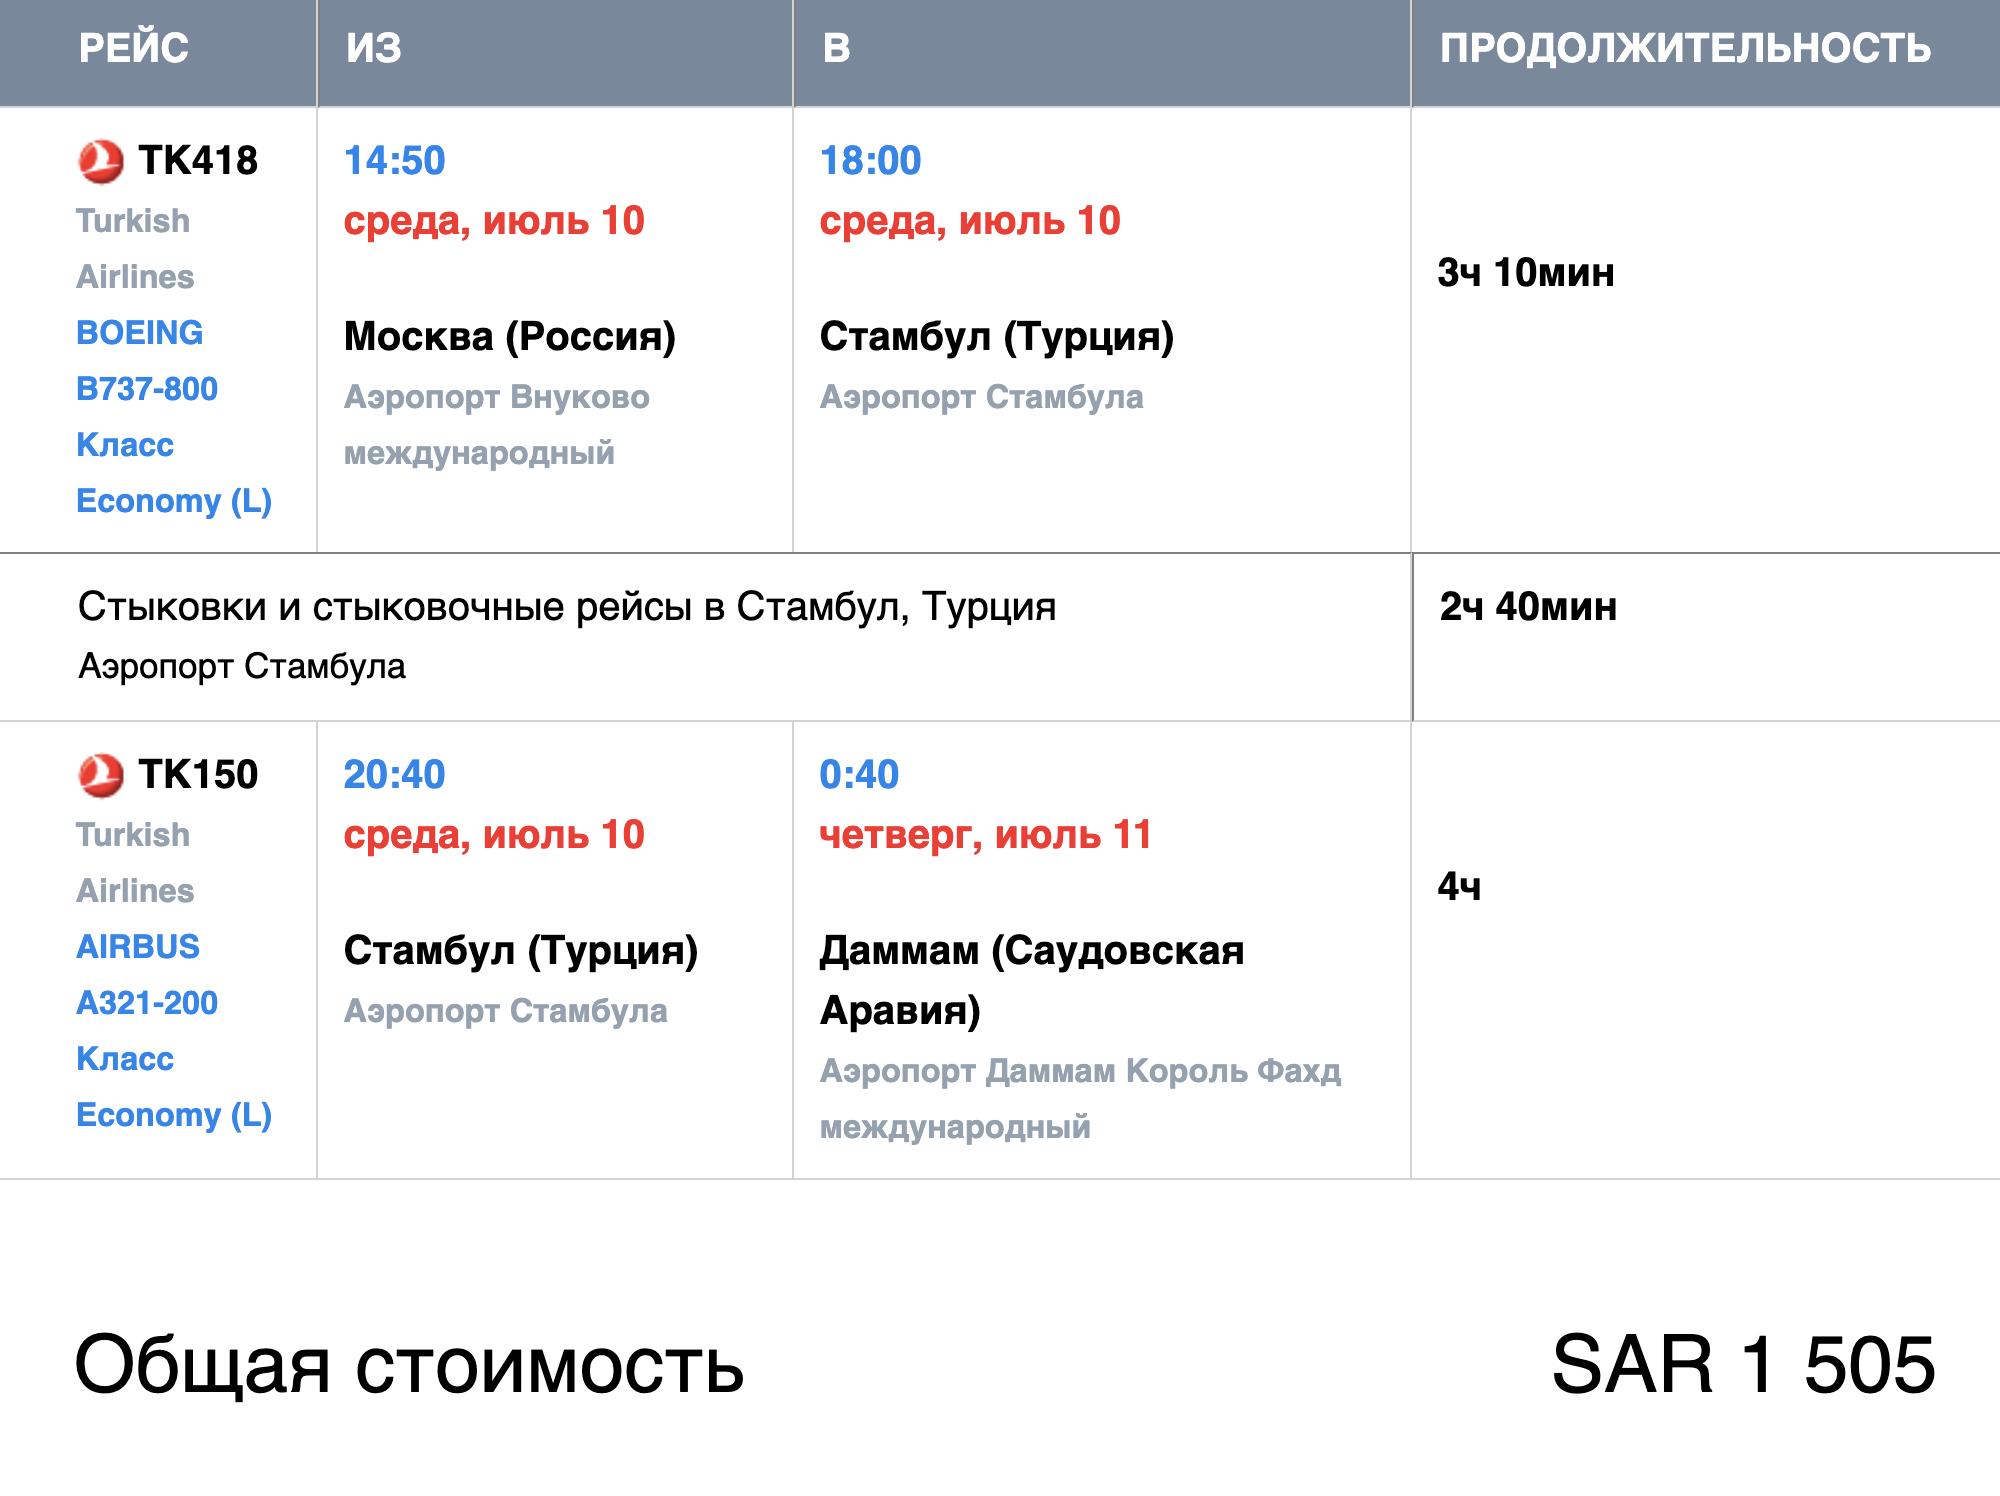 За перелет Москва — Даммам в одну сторону мне пришлось заплатить 1505&nbsp;SR (29 497<span class=ruble>Р</span>). Если покупать билеты хотя&nbsp;бы за месяц до вылета, за эту&nbsp;же сумму можно взять билеты туда и обратно